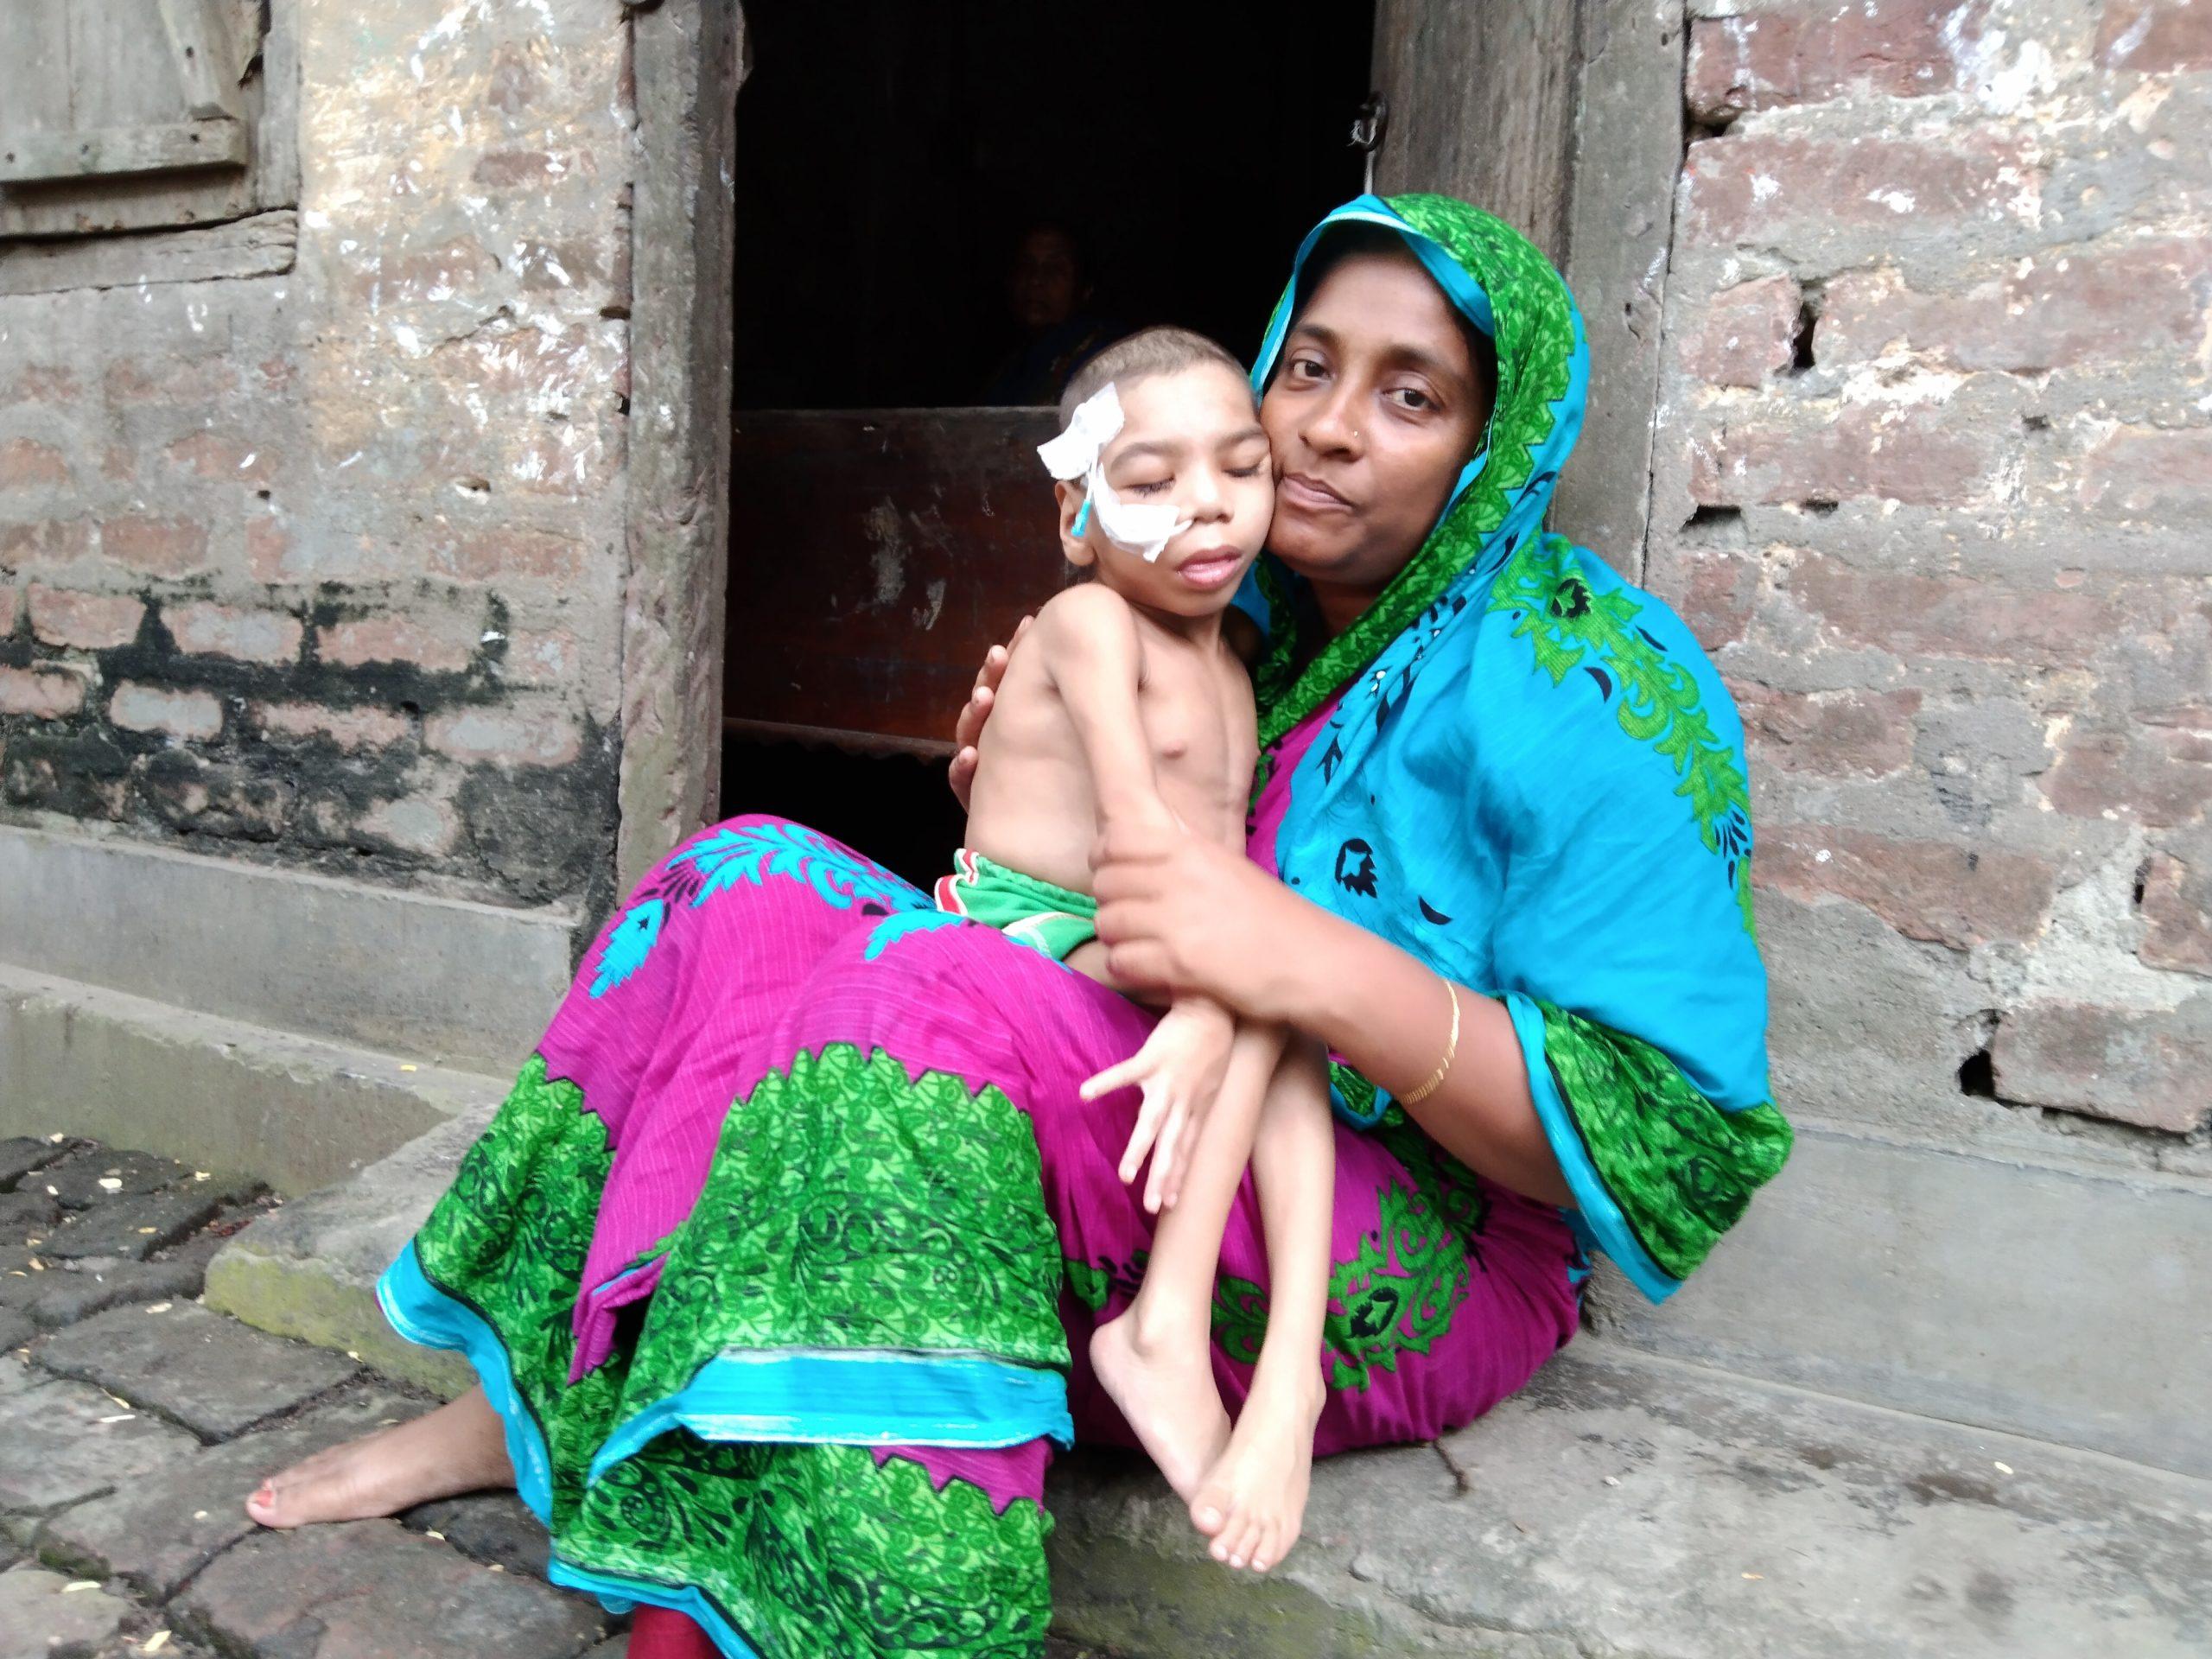 কালীগঞ্জের লাভলী বেগমের কাছে সব মাতৃস্নেহ হার মেনেছে